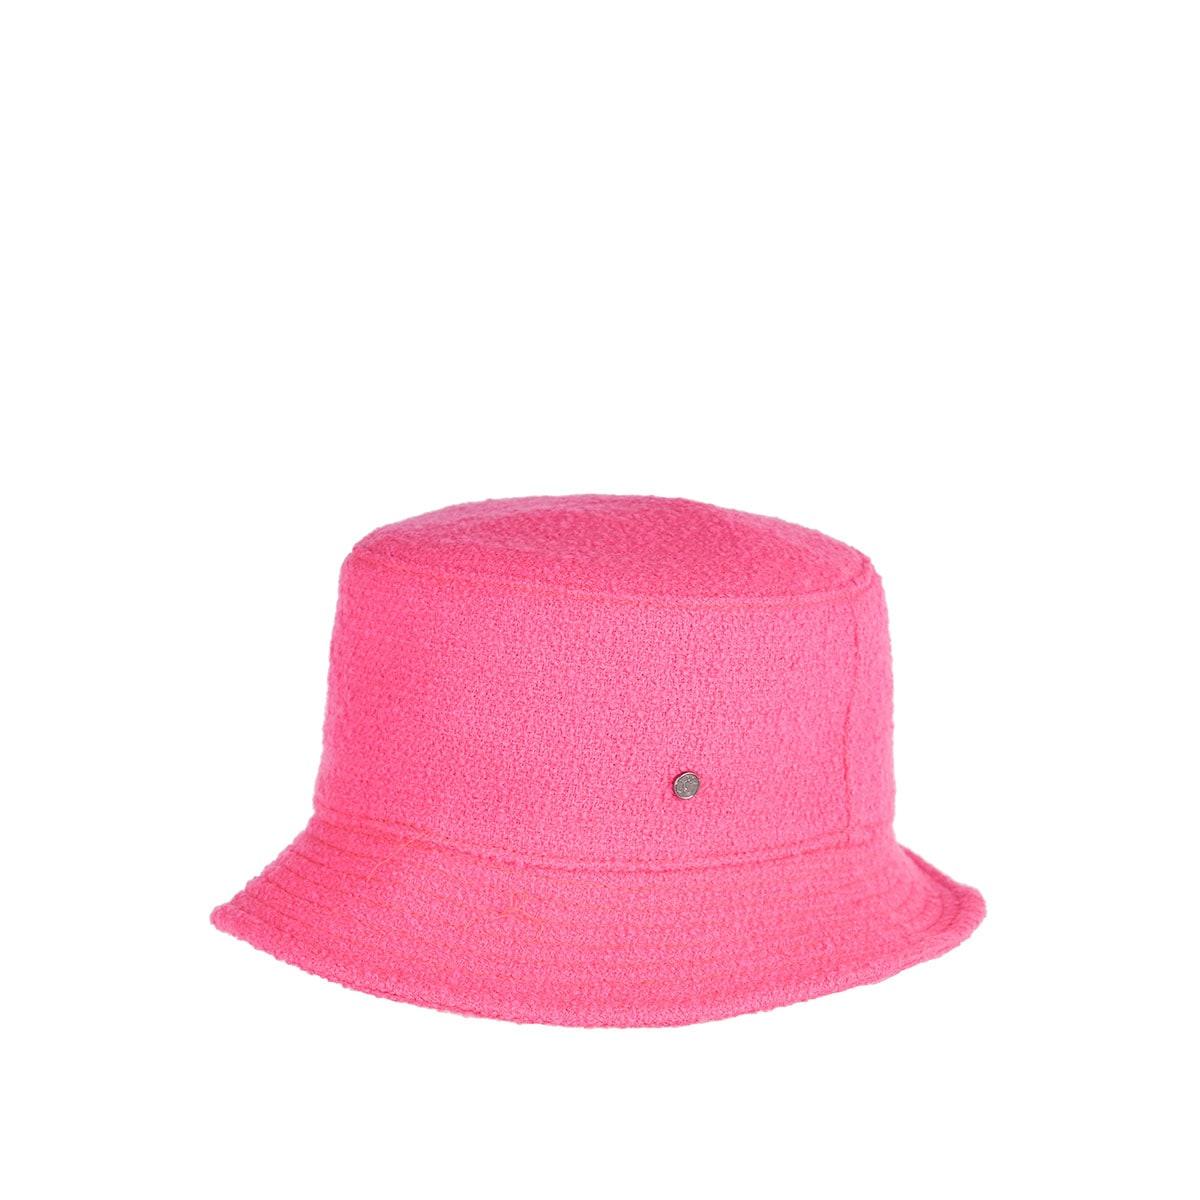 Jason tweed bucket hat